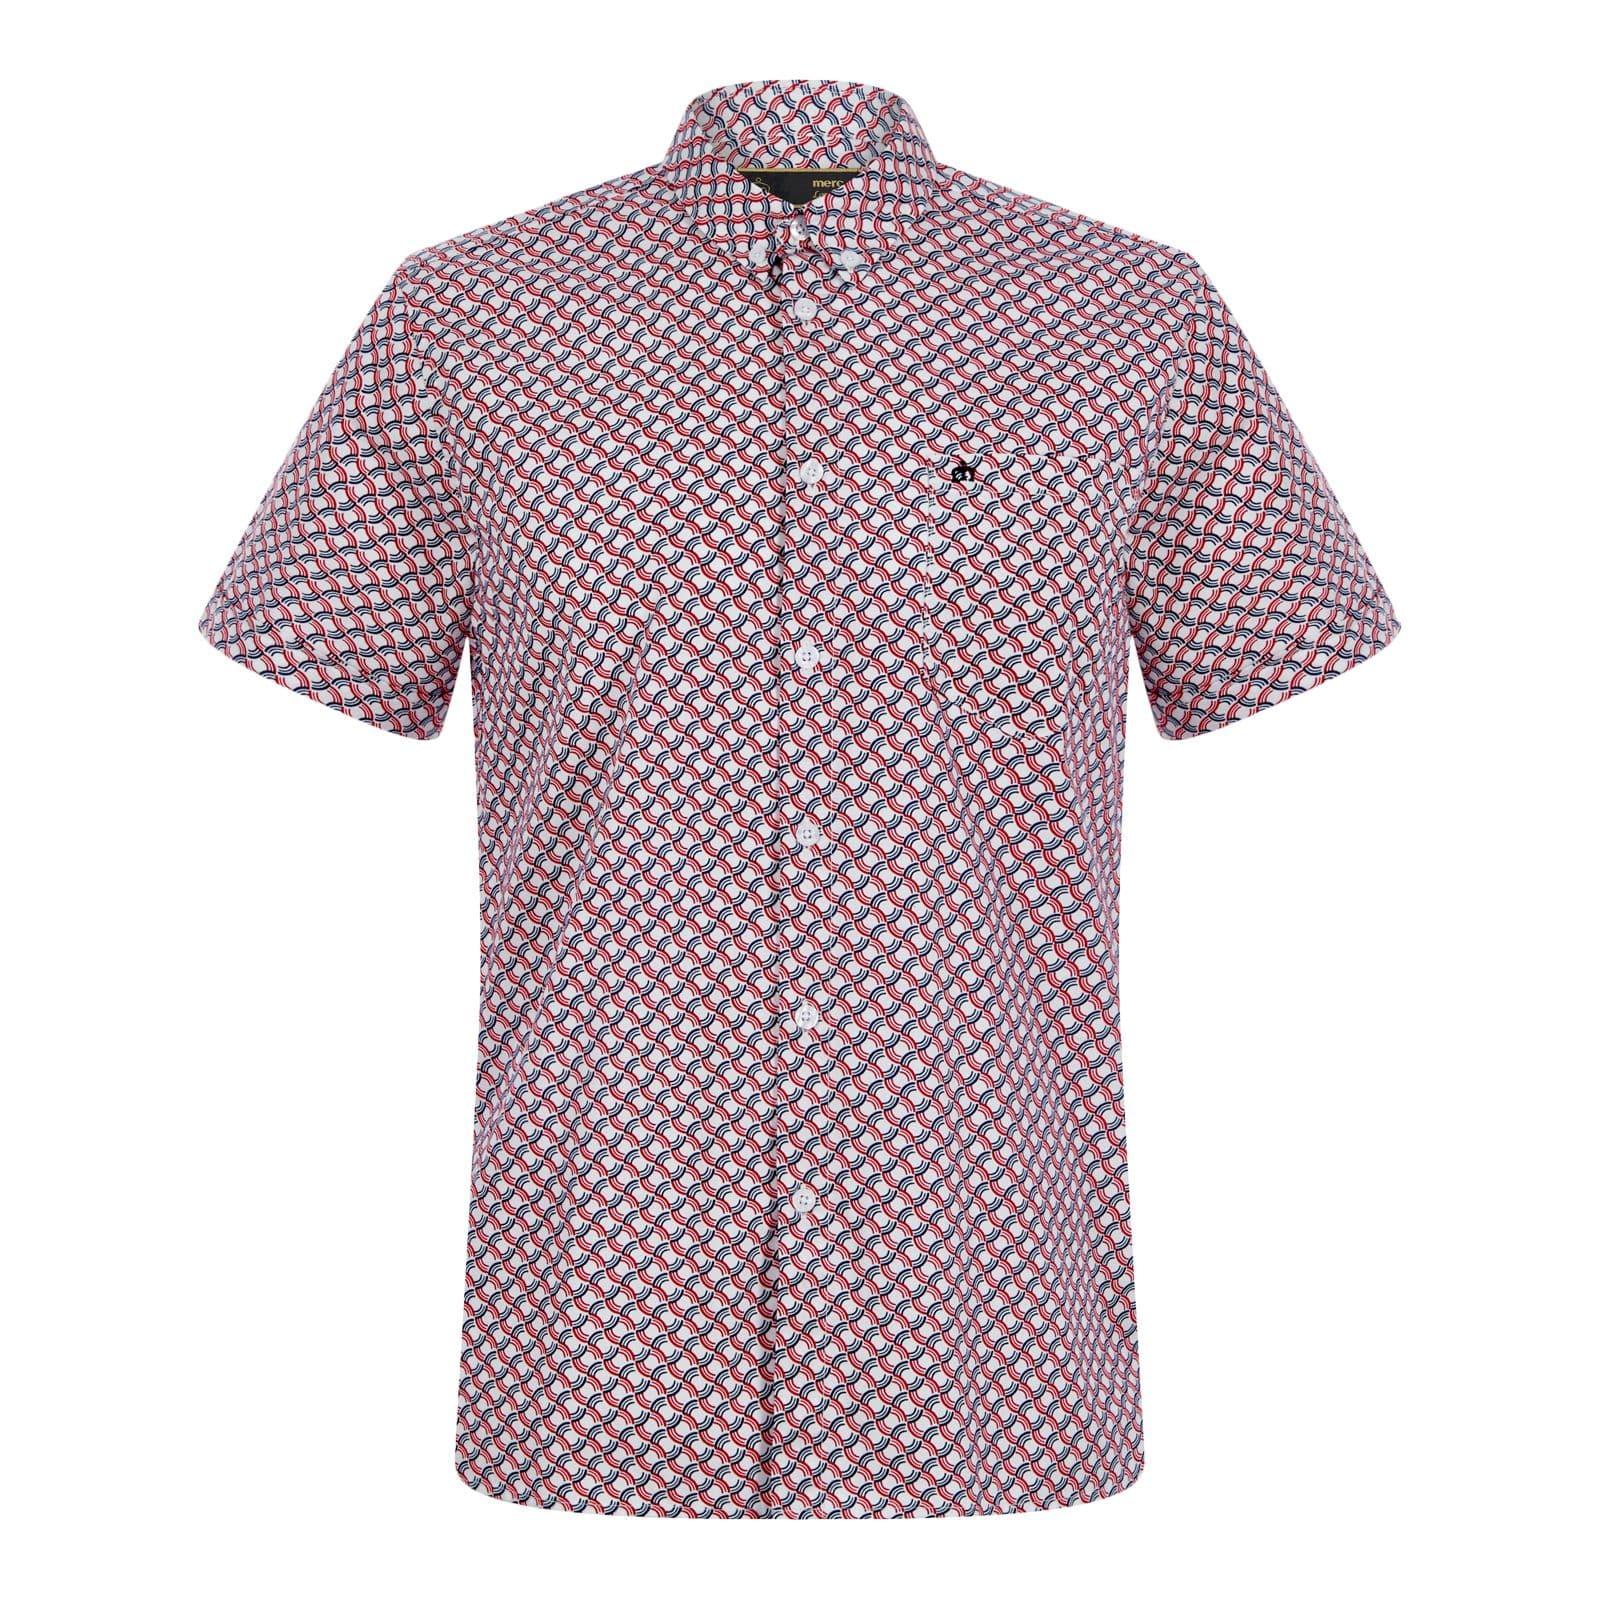 Рубашка AveryРубашки под заказ<br><br><br>Артикул: 1517105<br>Материал: 100% хлопок<br>Цвет: белый с красными и синими узорами<br>Пол: Мужской